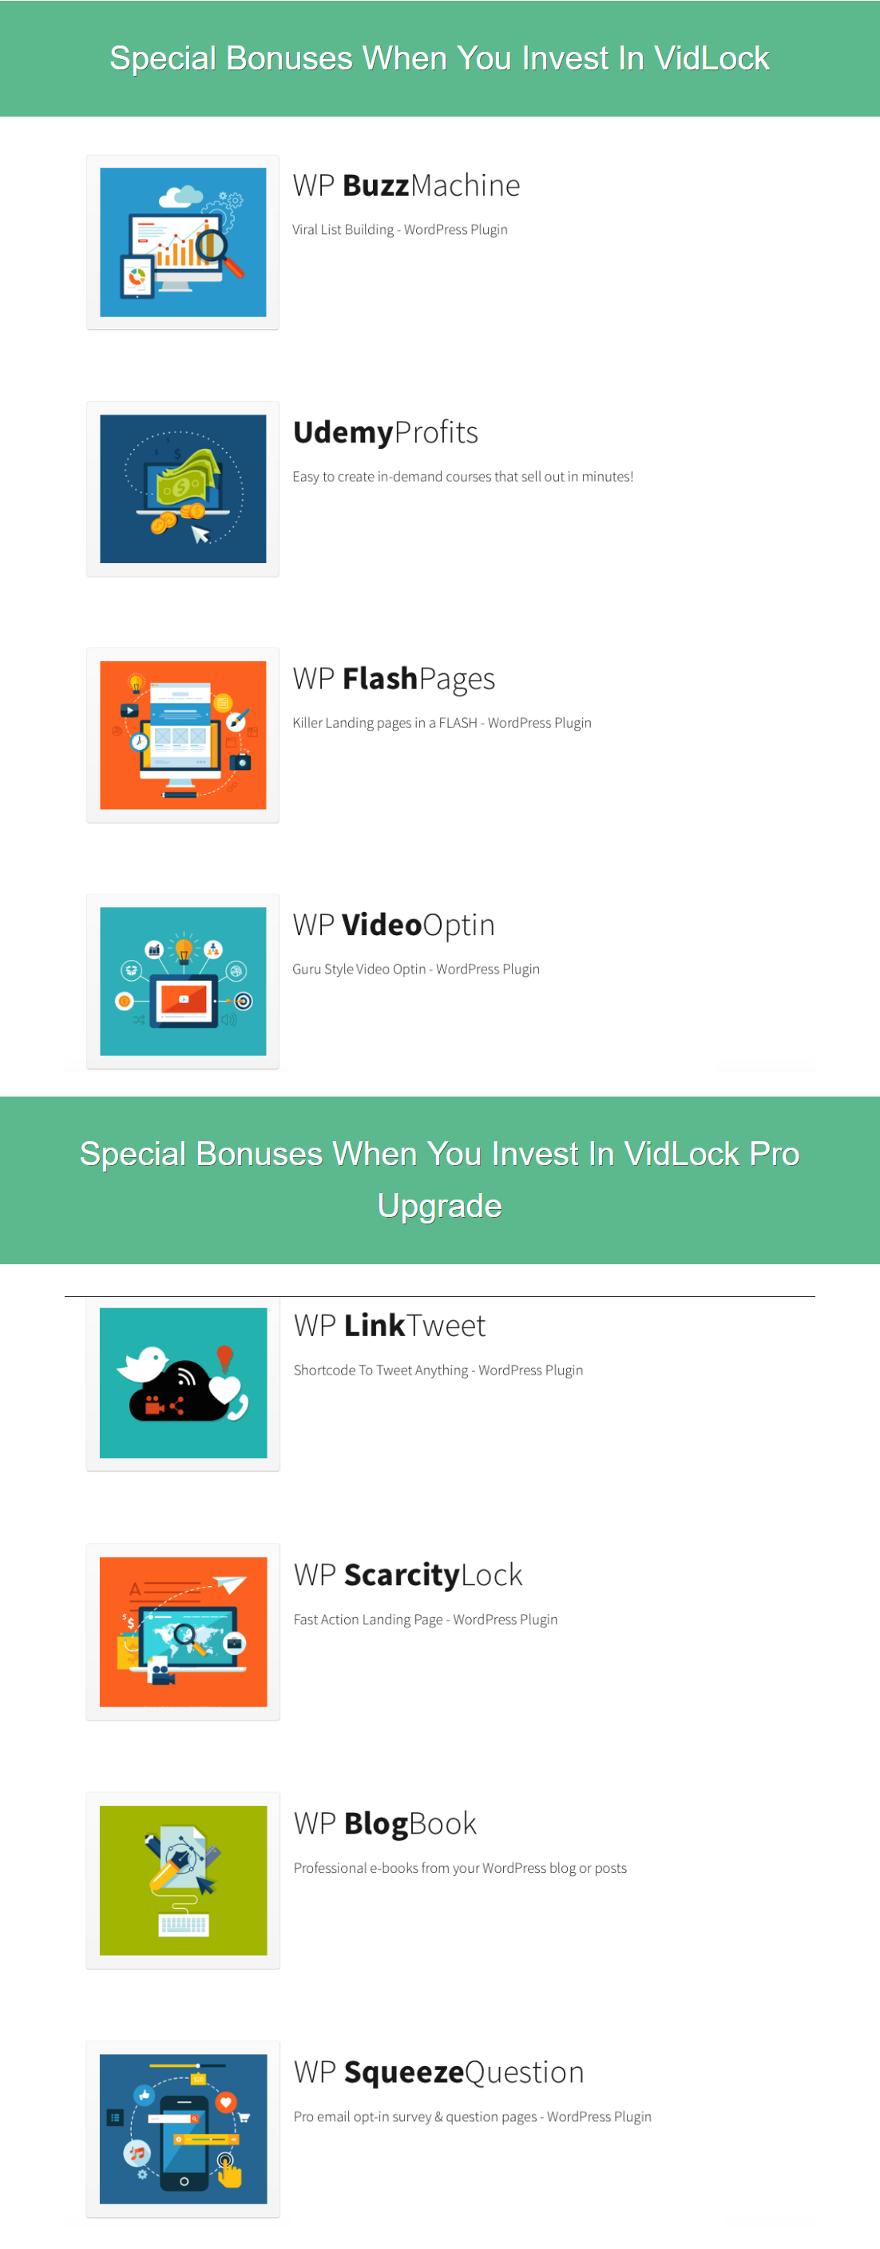 VidLock Bonuses